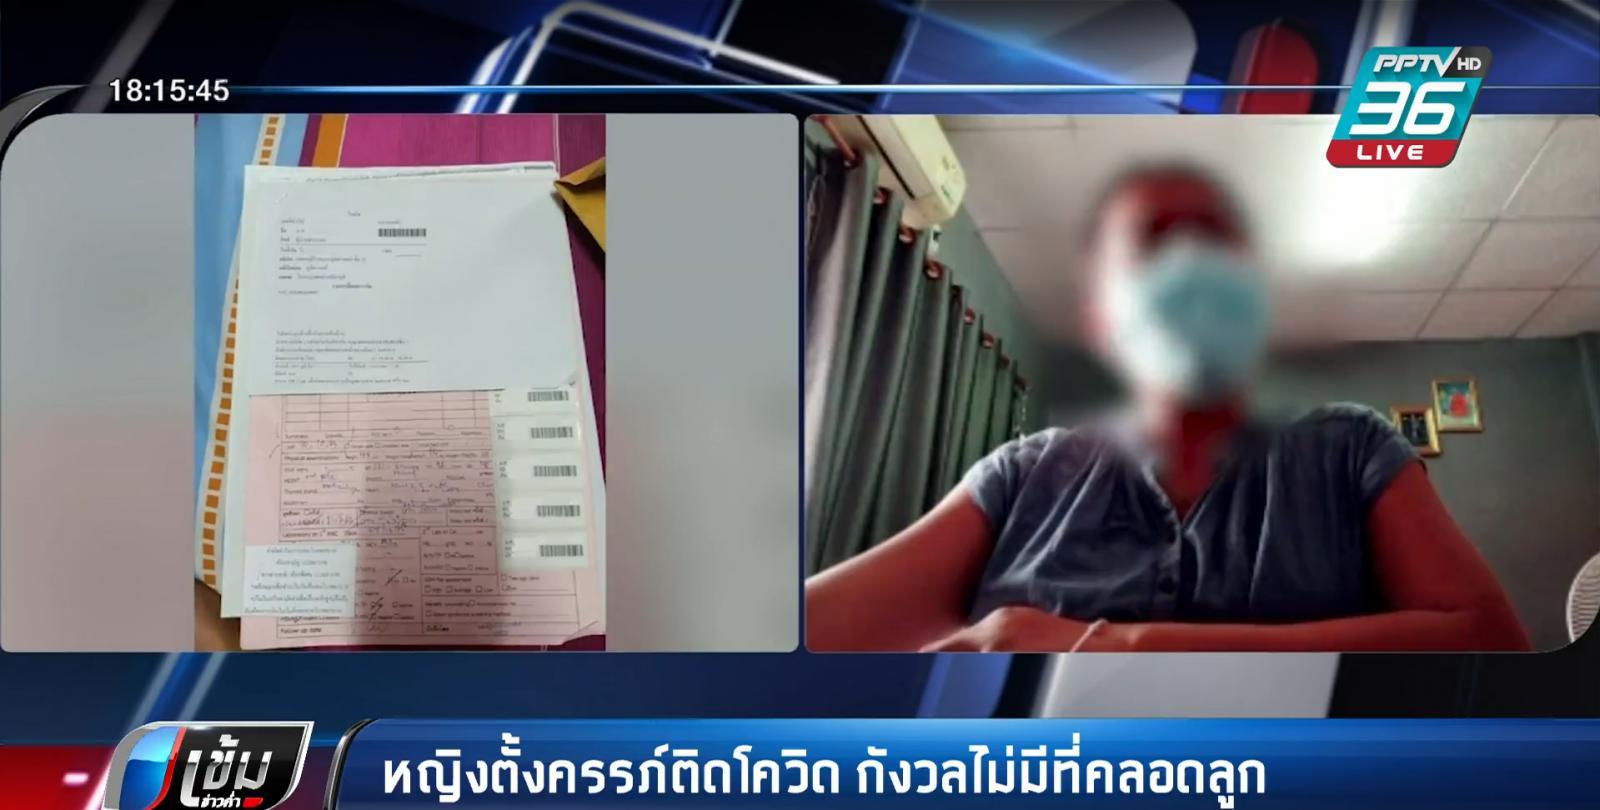 หญิงท้องแก่ติดโควิด ใกล้คลอดอีก 20 วัน รพ.ปฎิเสธรักษา-ไม่ทำคลอด